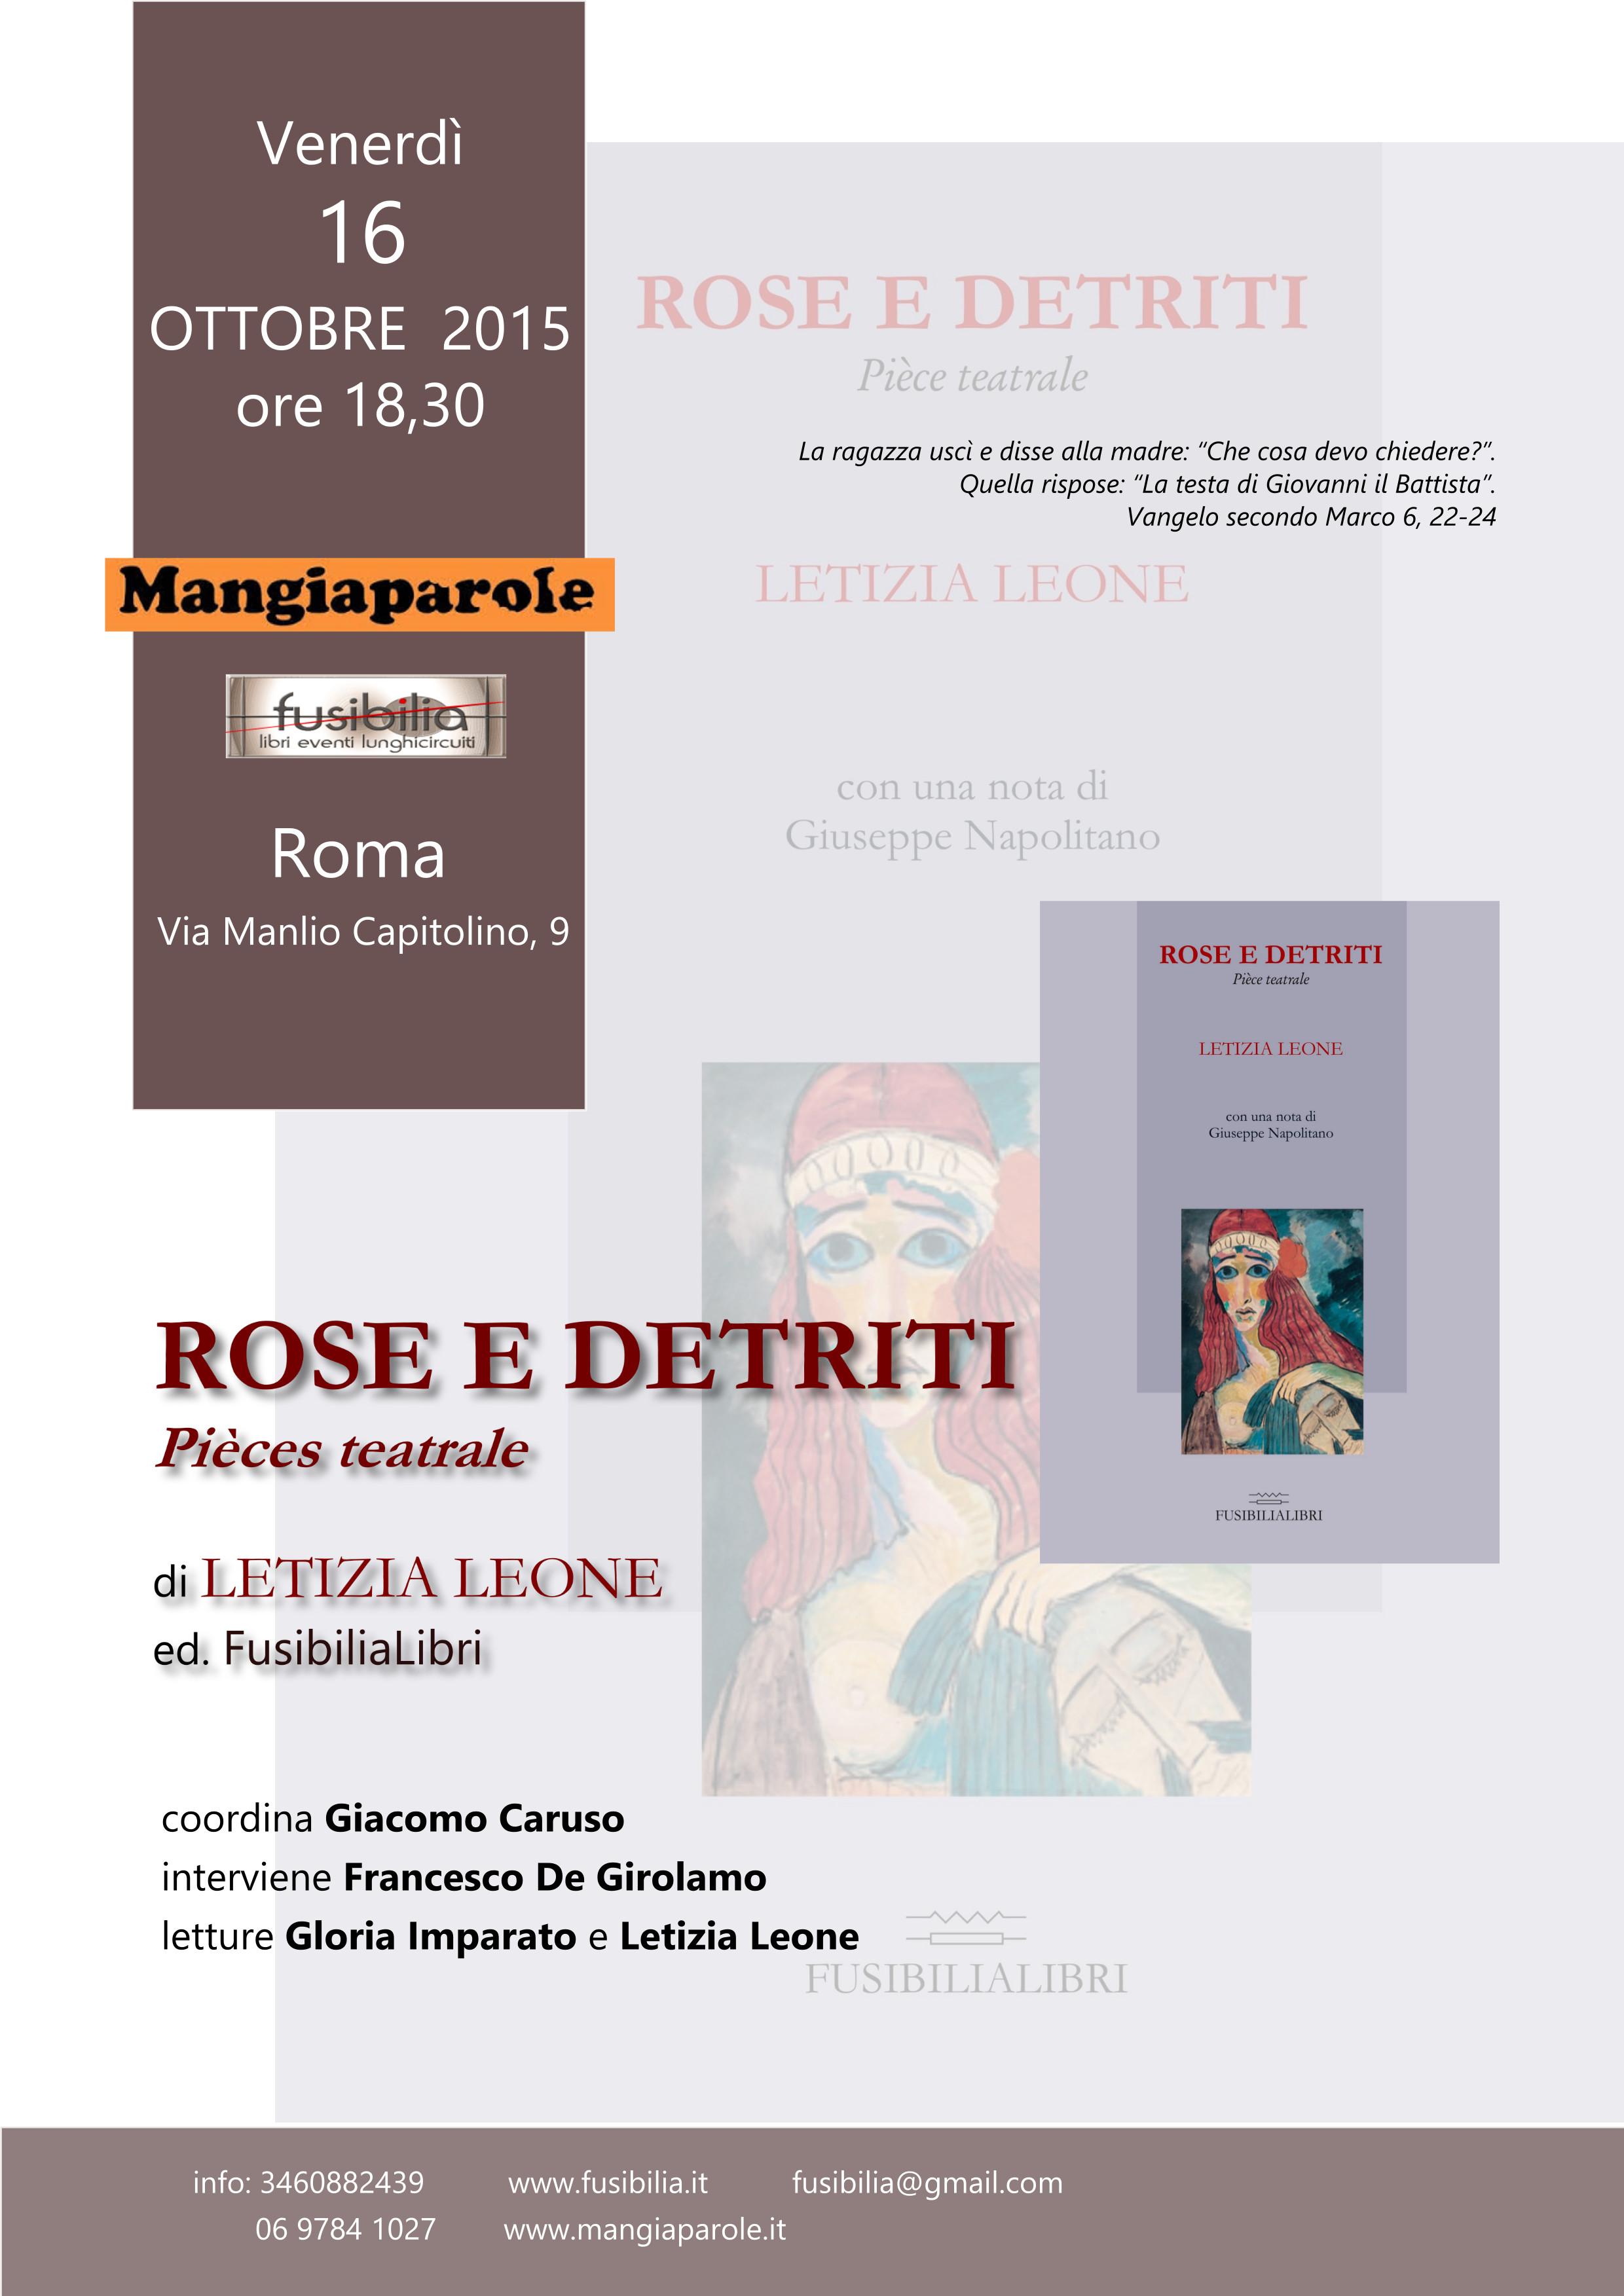 loca_rose e detriti roma